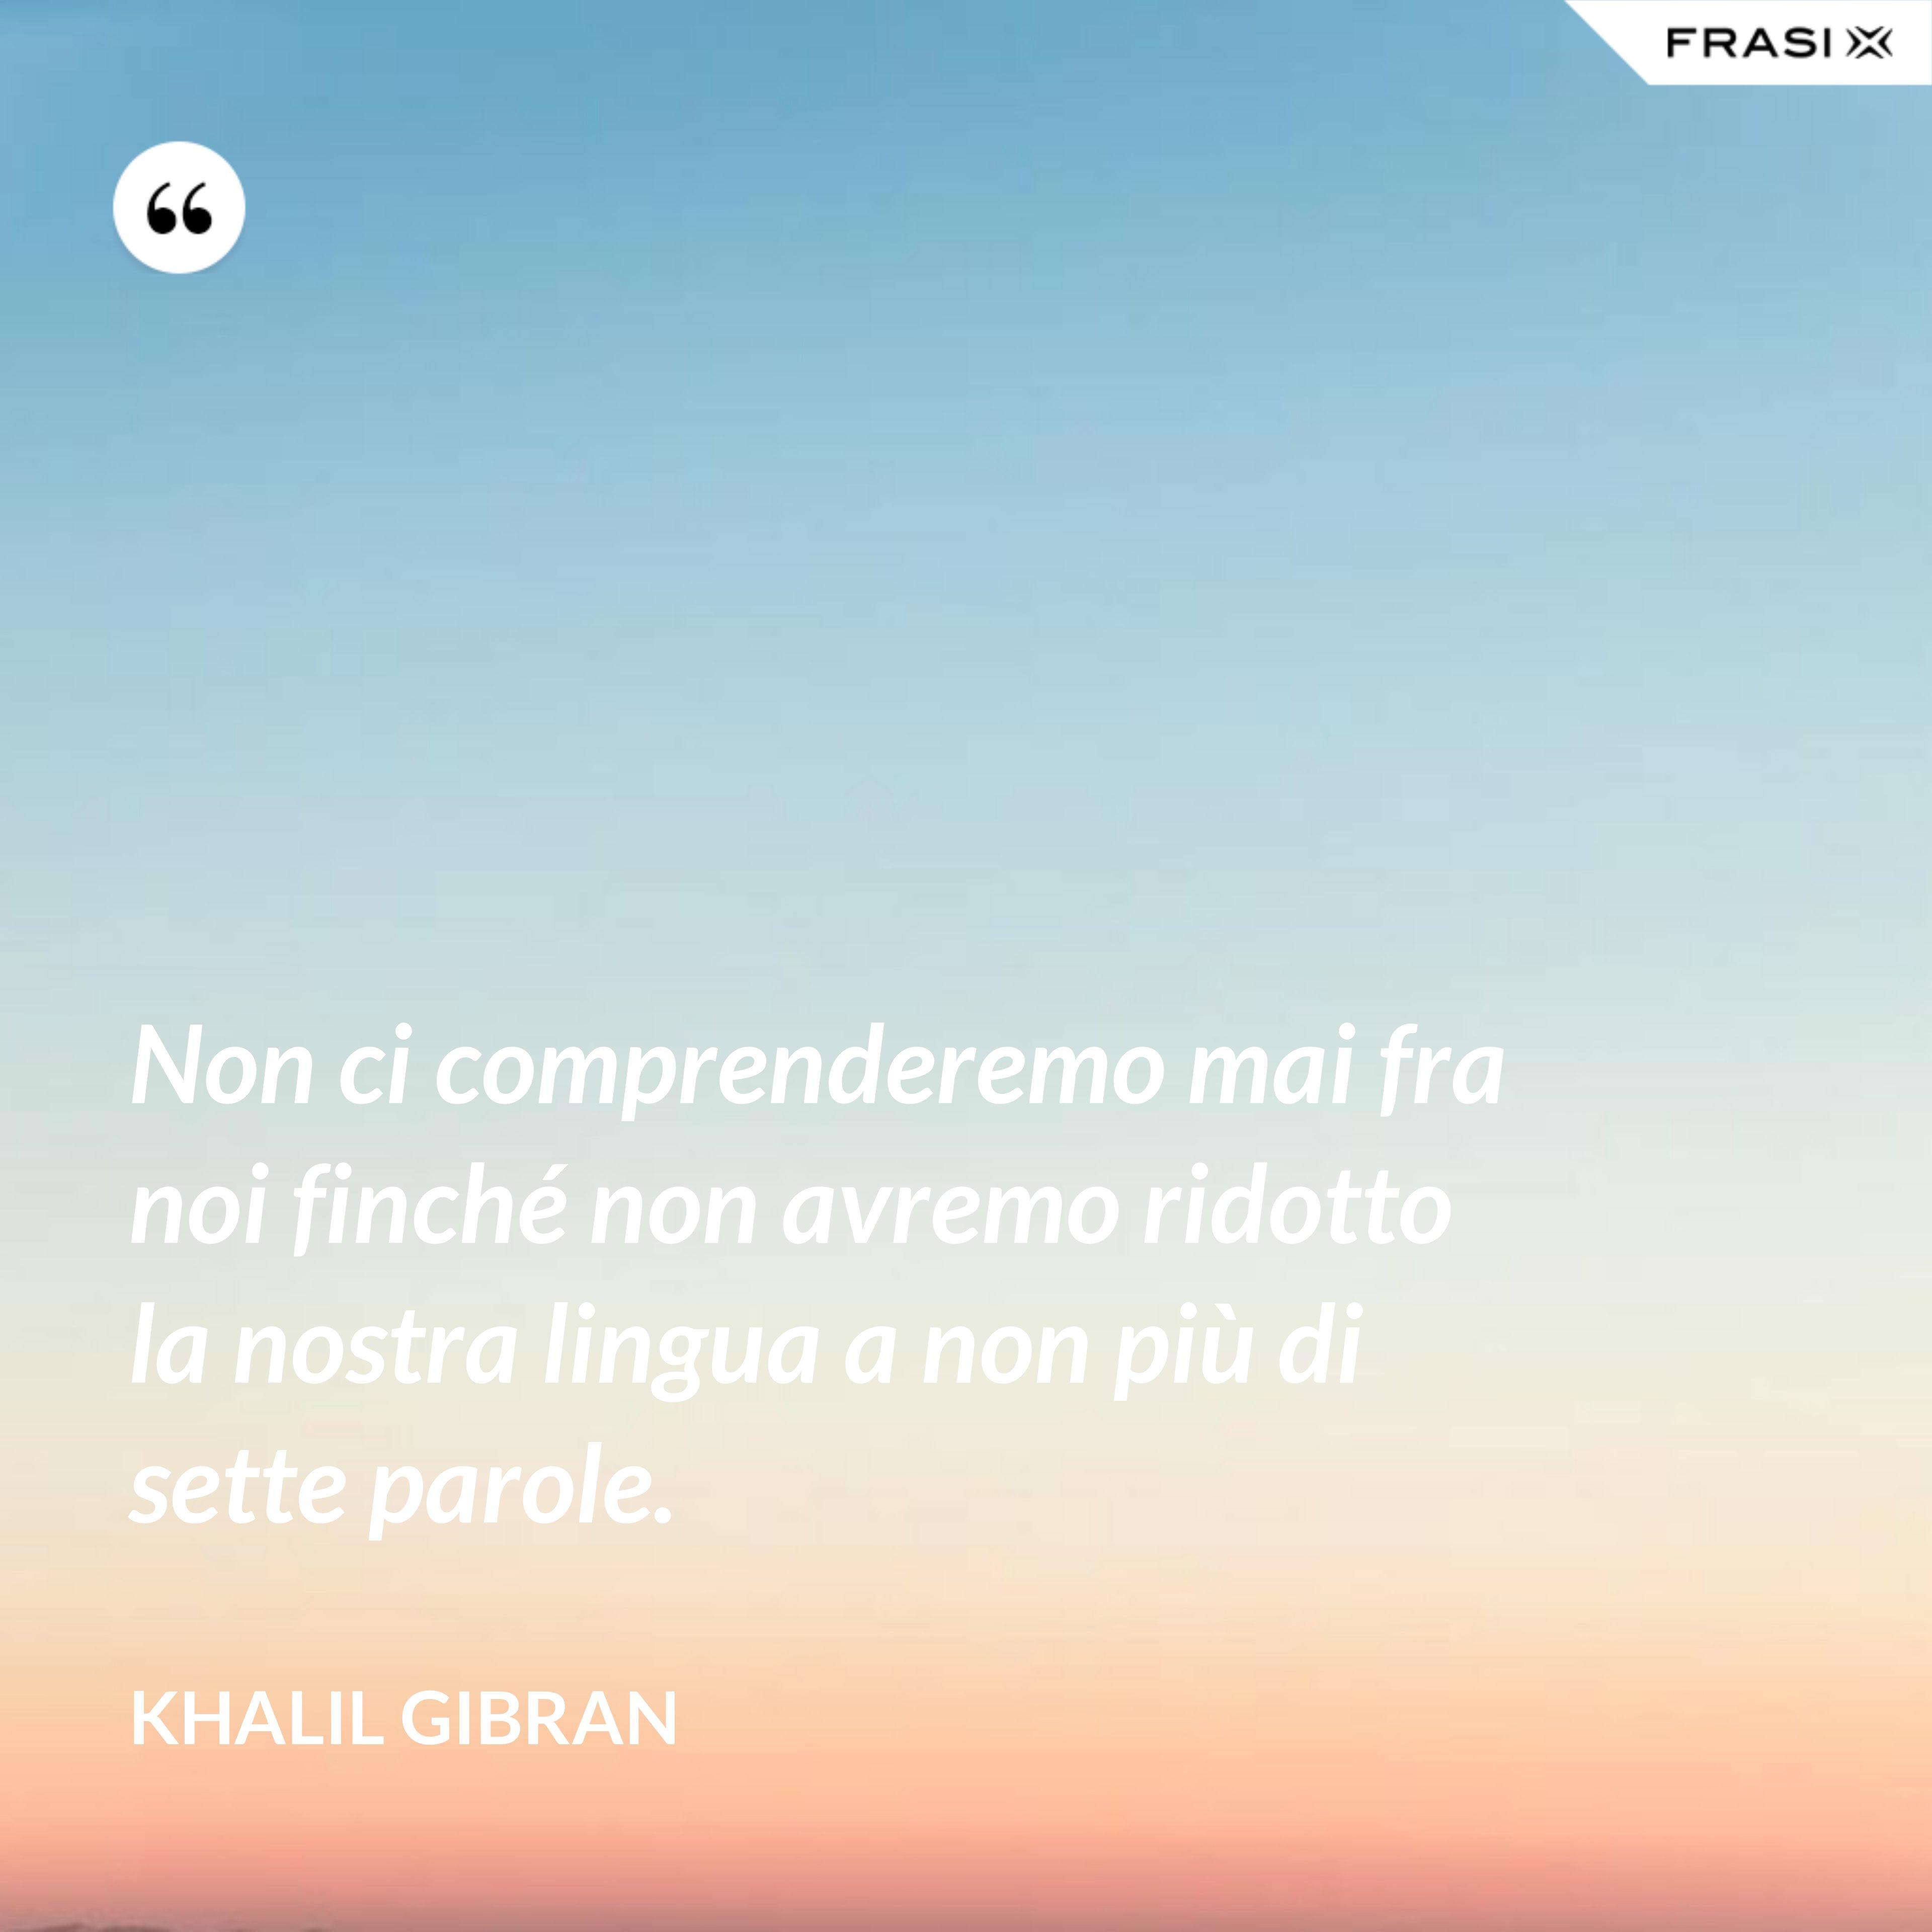 Non ci comprenderemo mai fra noi finché non avremo ridotto la nostra lingua a non più di sette parole. - Khalil Gibran